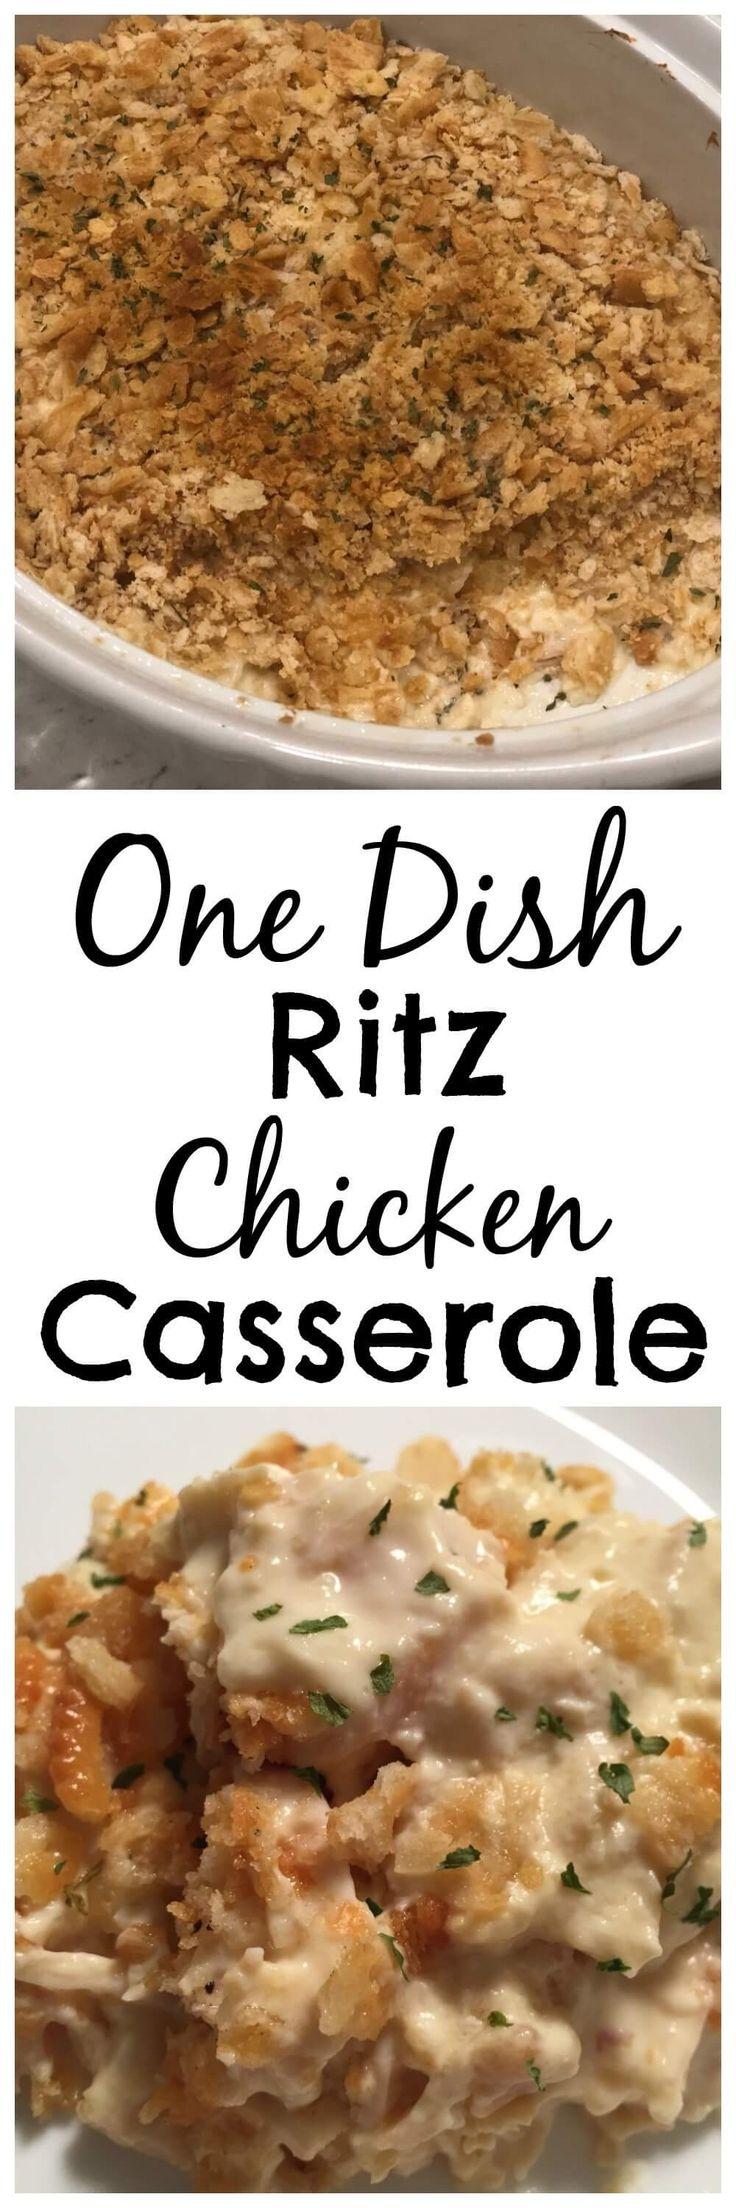 One Dish Ritz Chicken Casserole